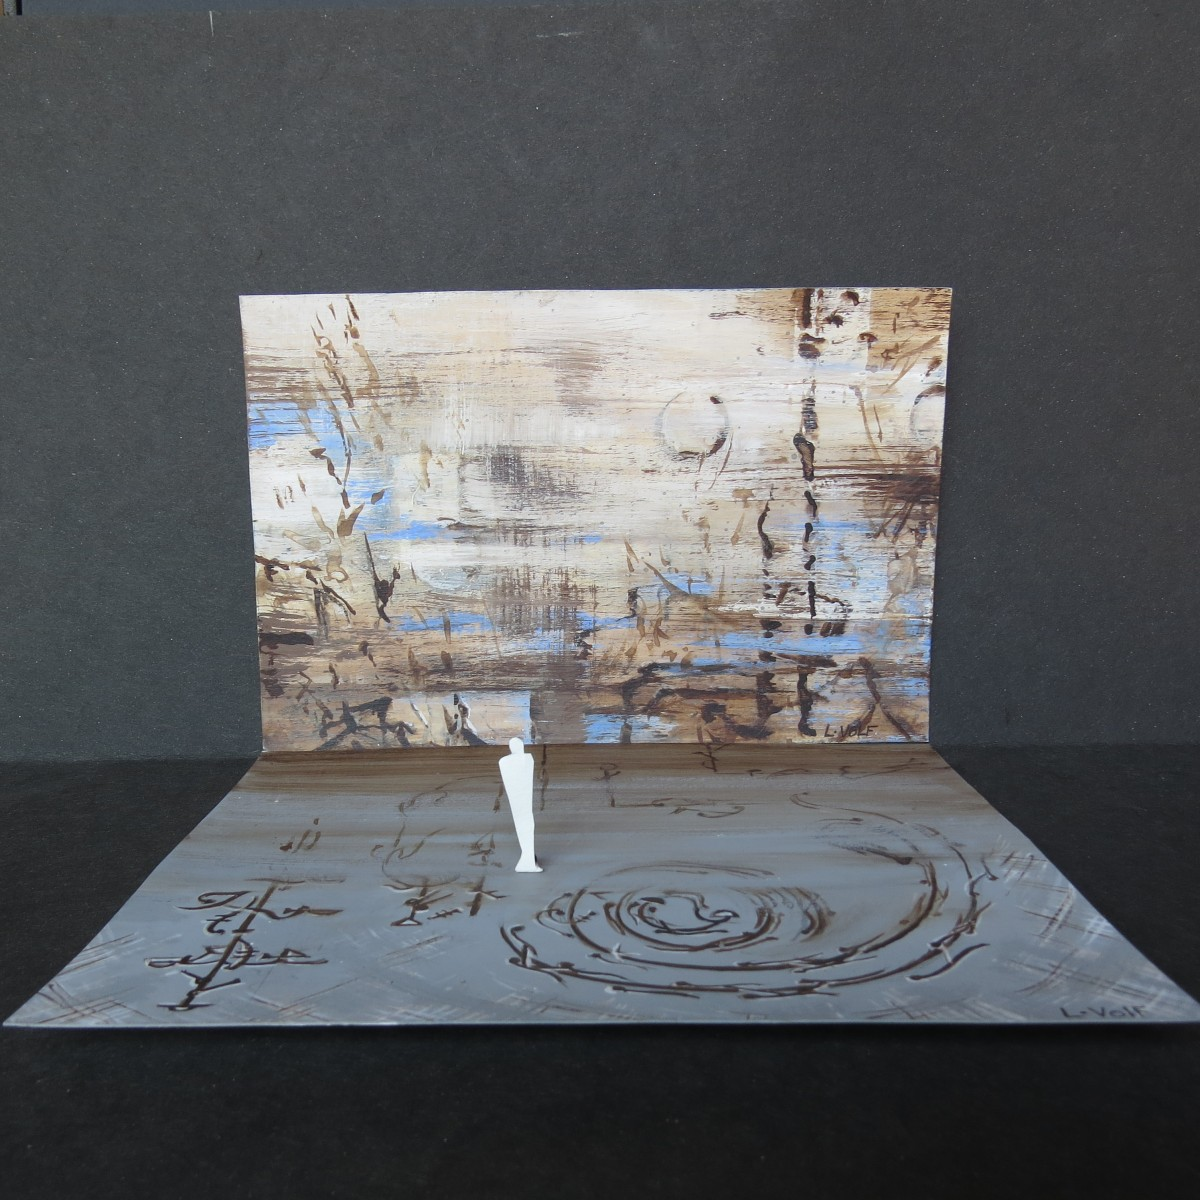 Maquette originale de Ludmila Volf. Paysage flottant qui semble avoir attrapé, hors champ, le miroitement de l'eau. Sol: partition de pas de danse en effacement